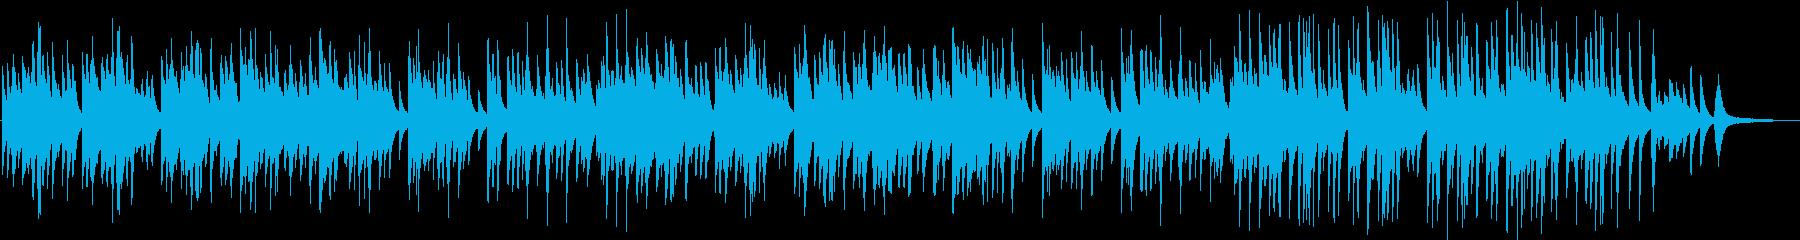 切なくも凛とした和なピアノソロBGMの再生済みの波形